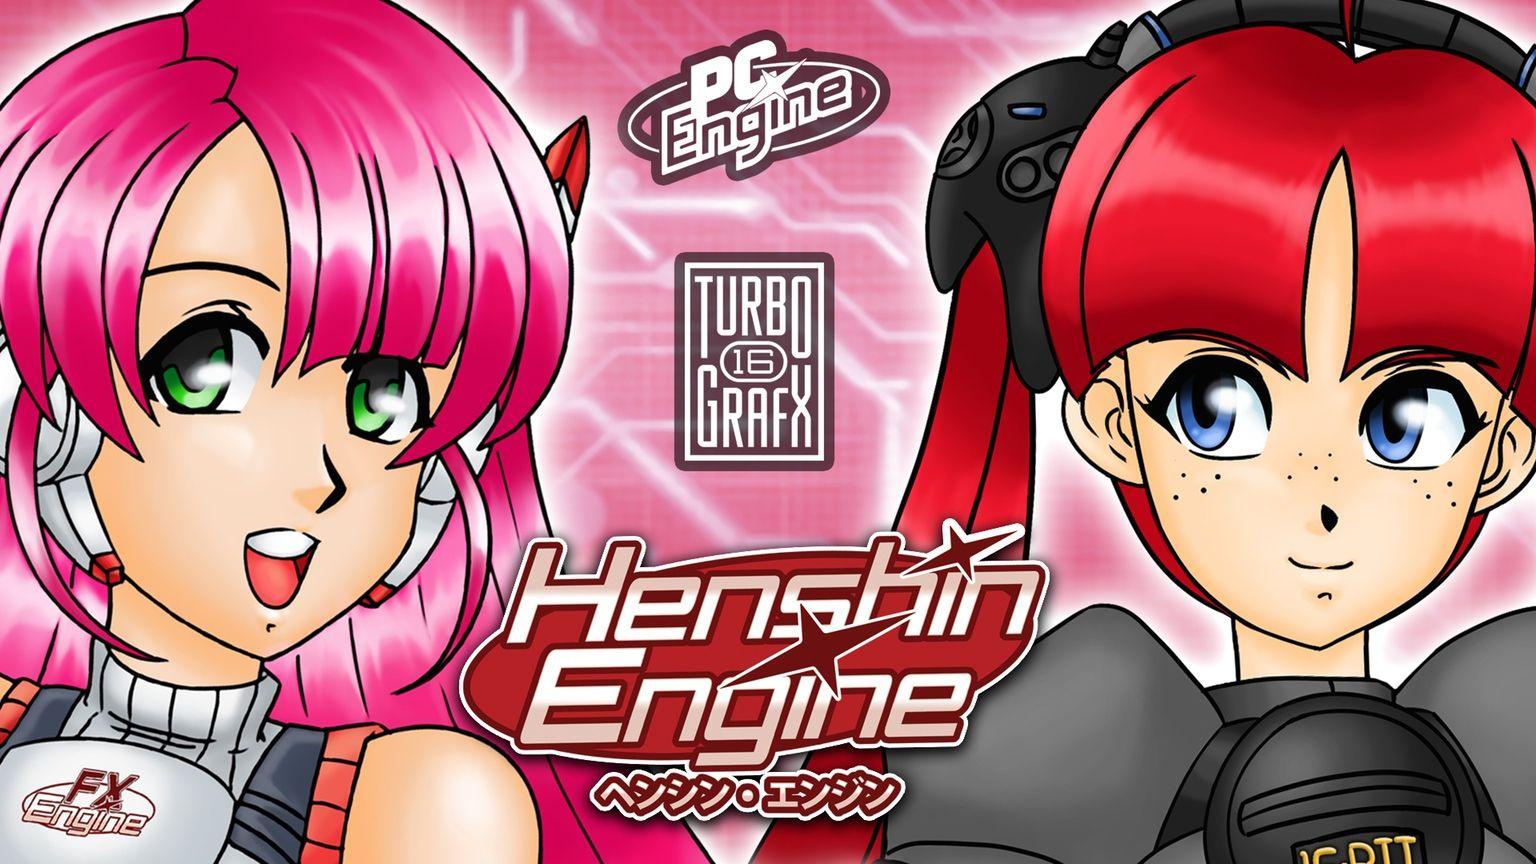 Henshin engine is a new 2d action platformer developed for